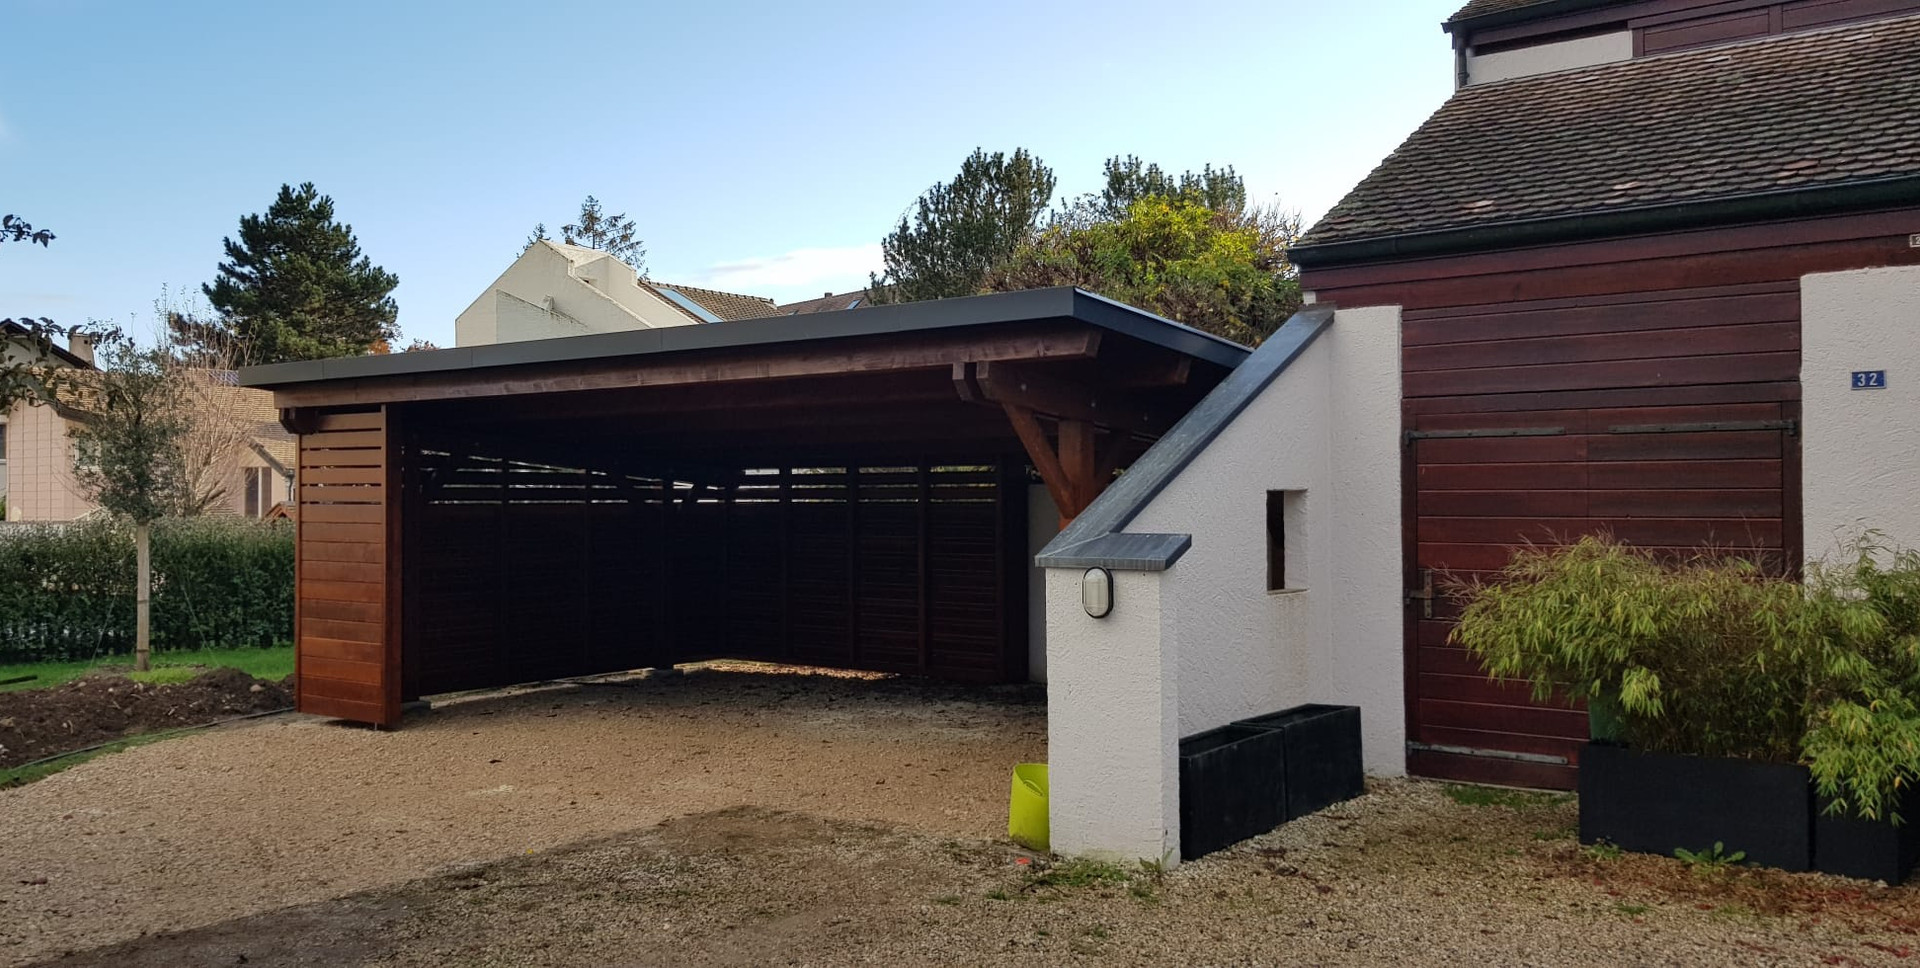 Carport à toiture inclinée